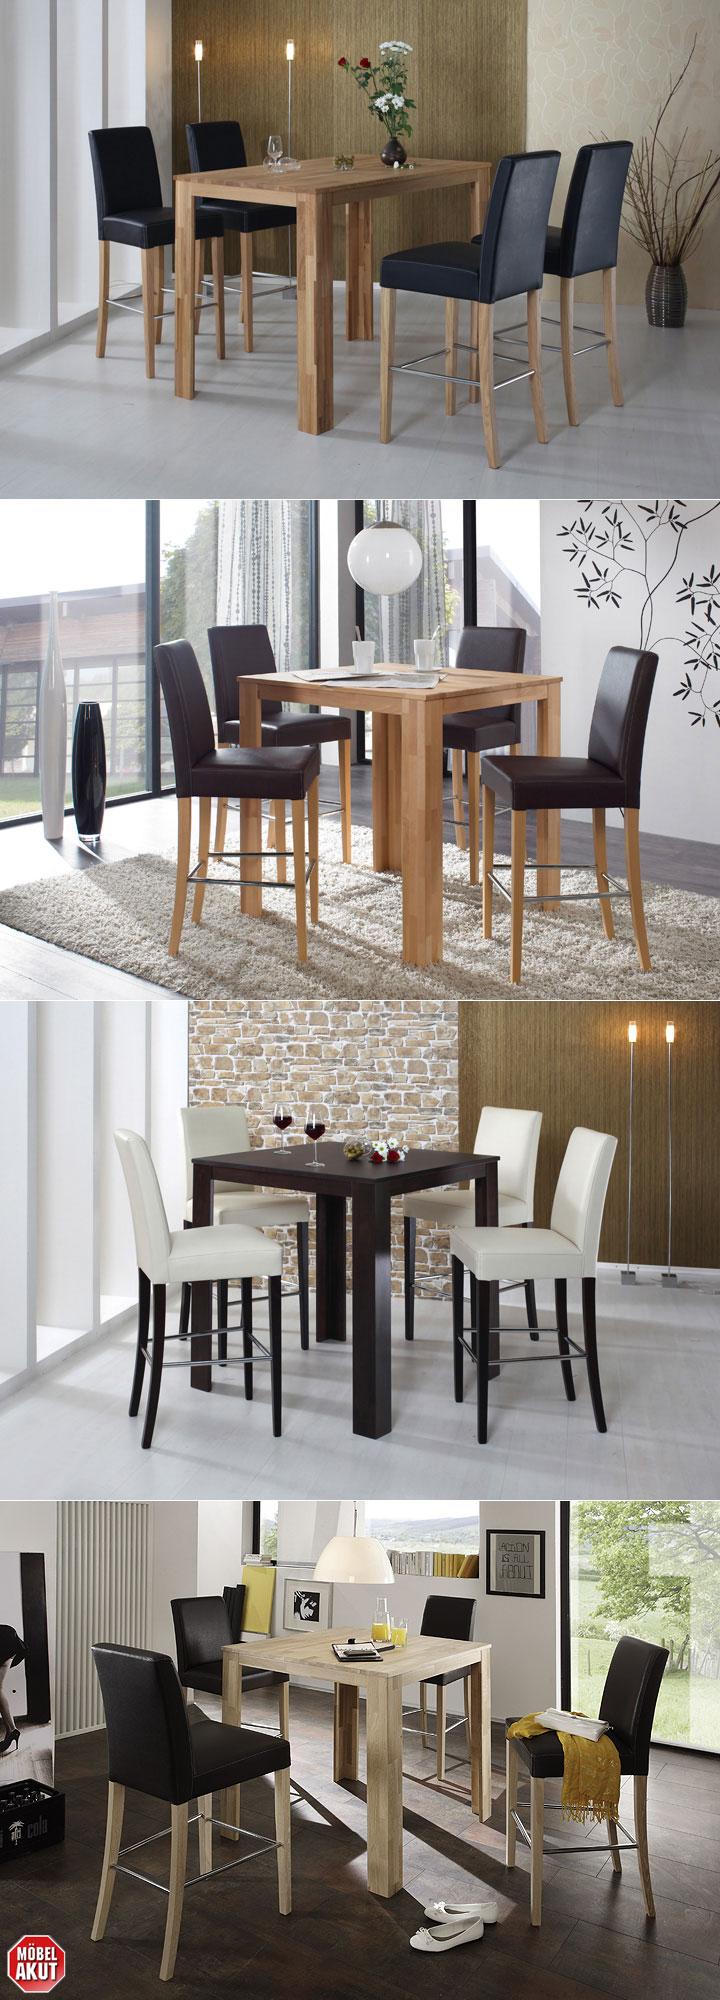 bartisch dalor tisch bistrotisch buche massiv natur lackiert 90x90 cm ebay. Black Bedroom Furniture Sets. Home Design Ideas